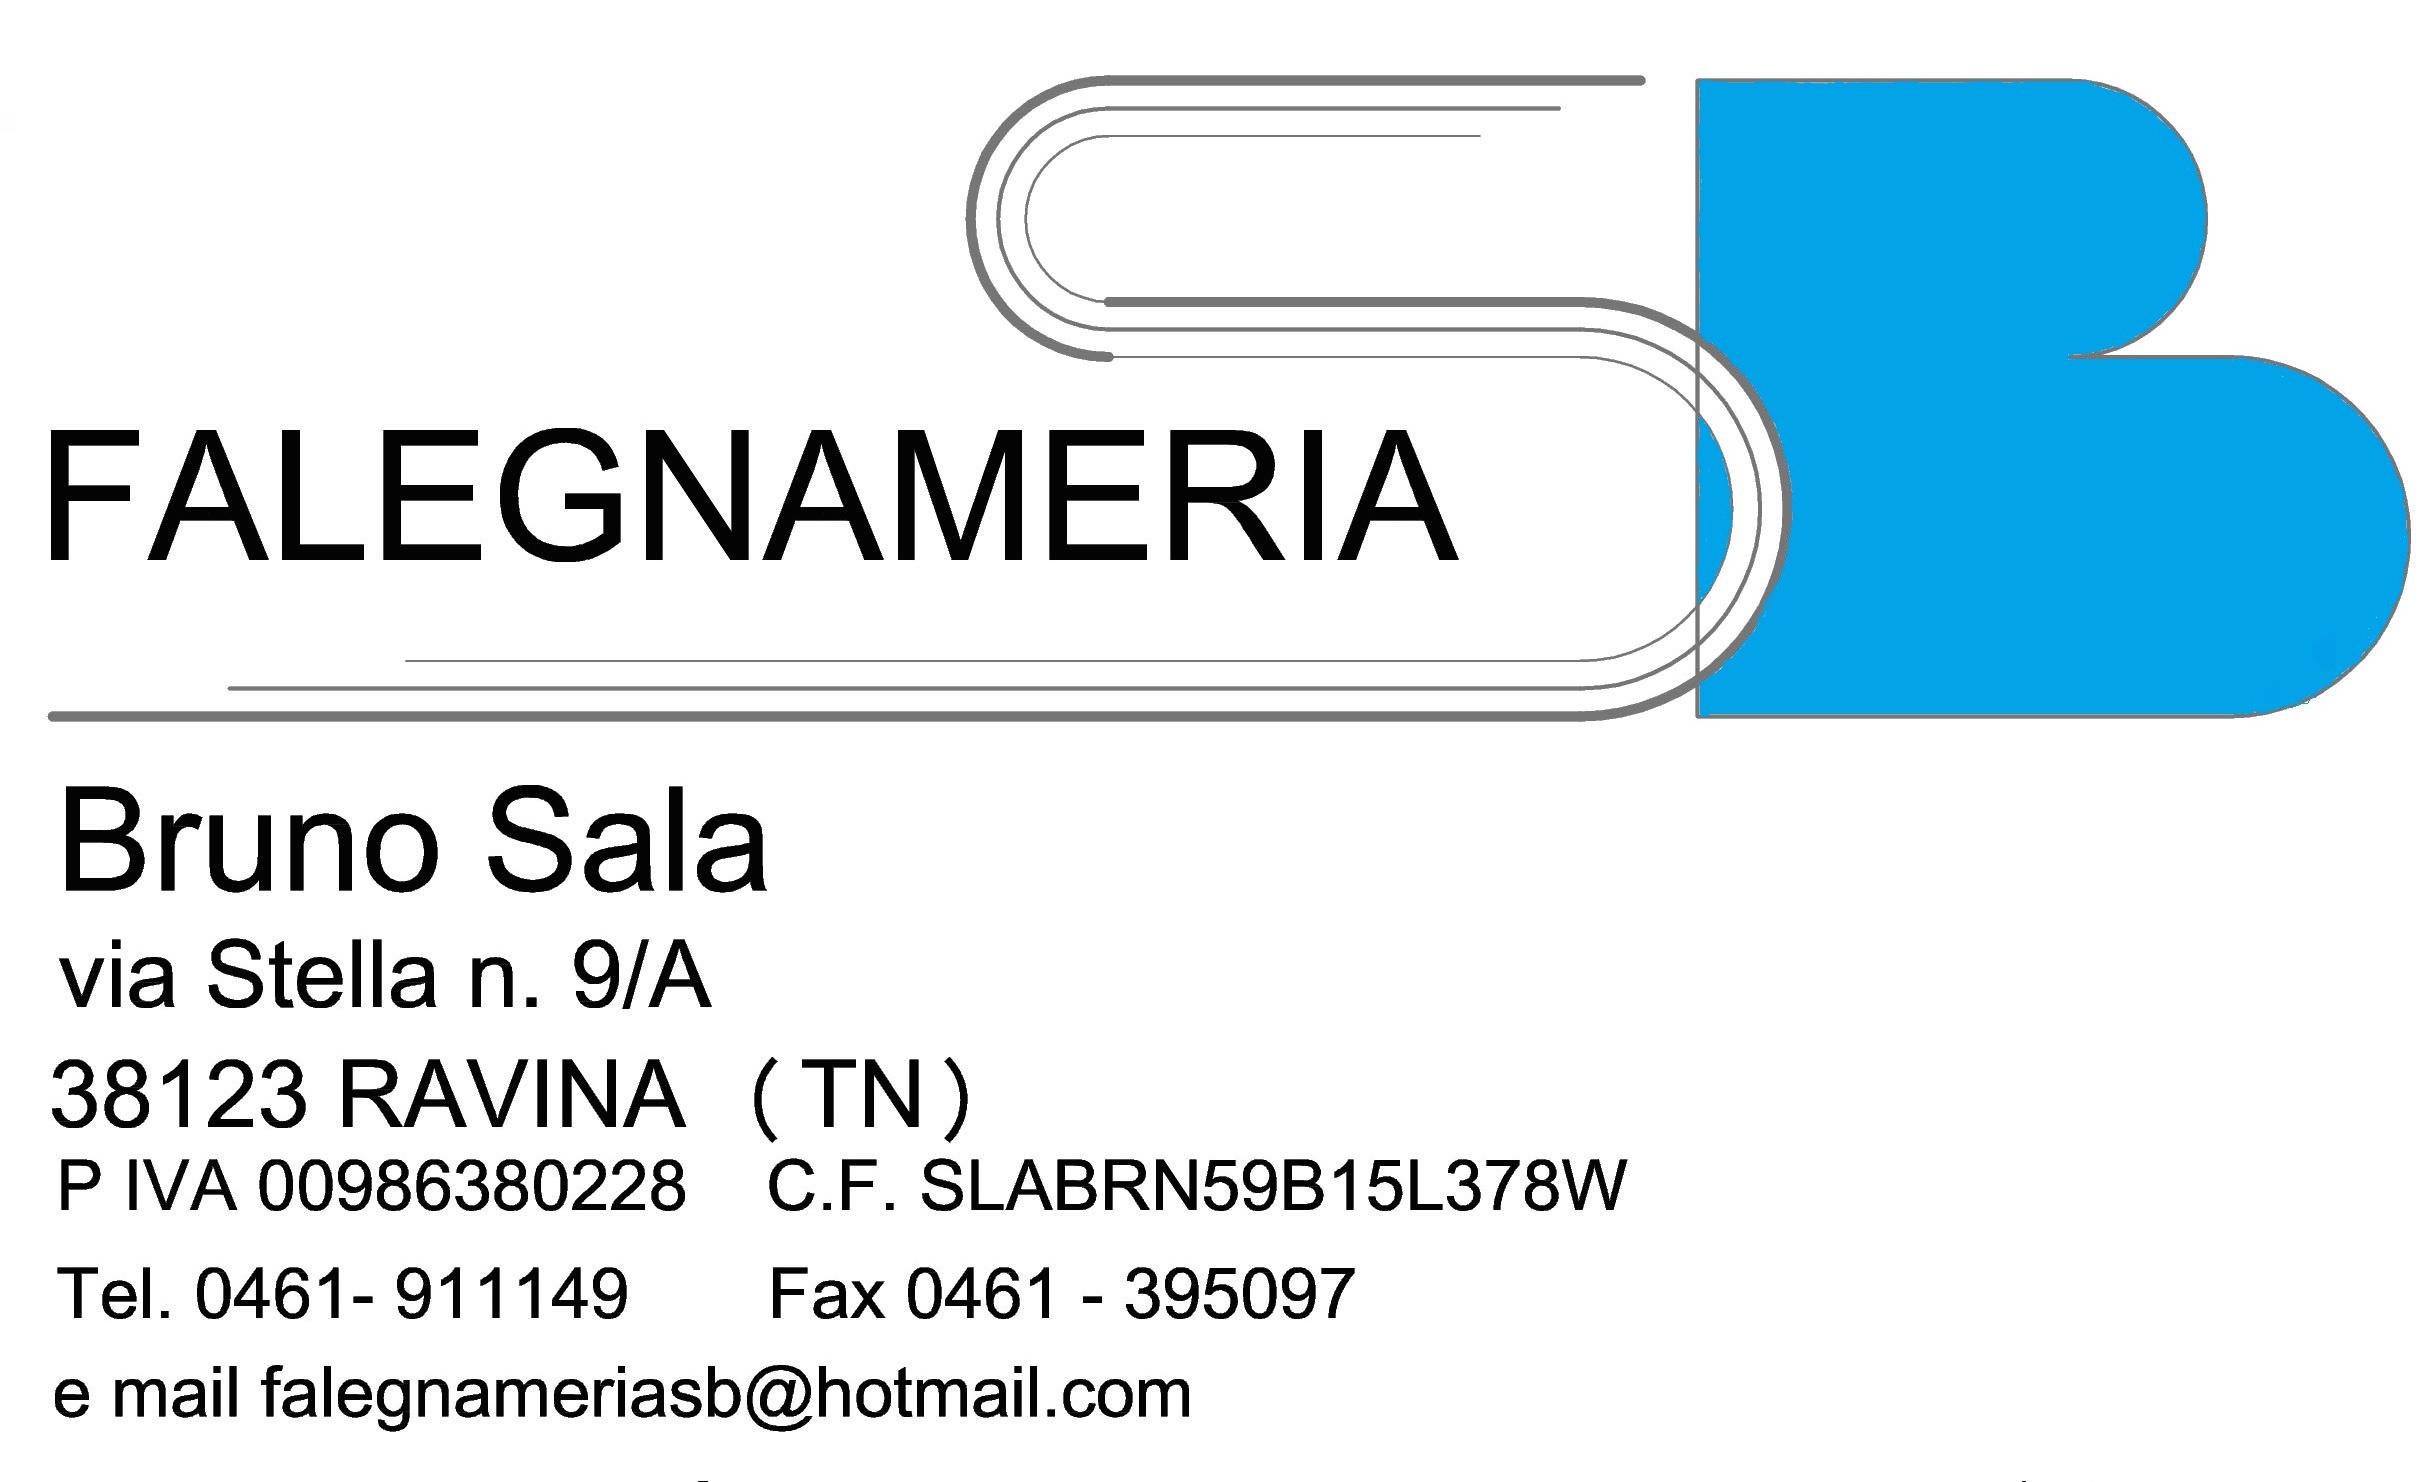 Falegnameria Bruno Sala